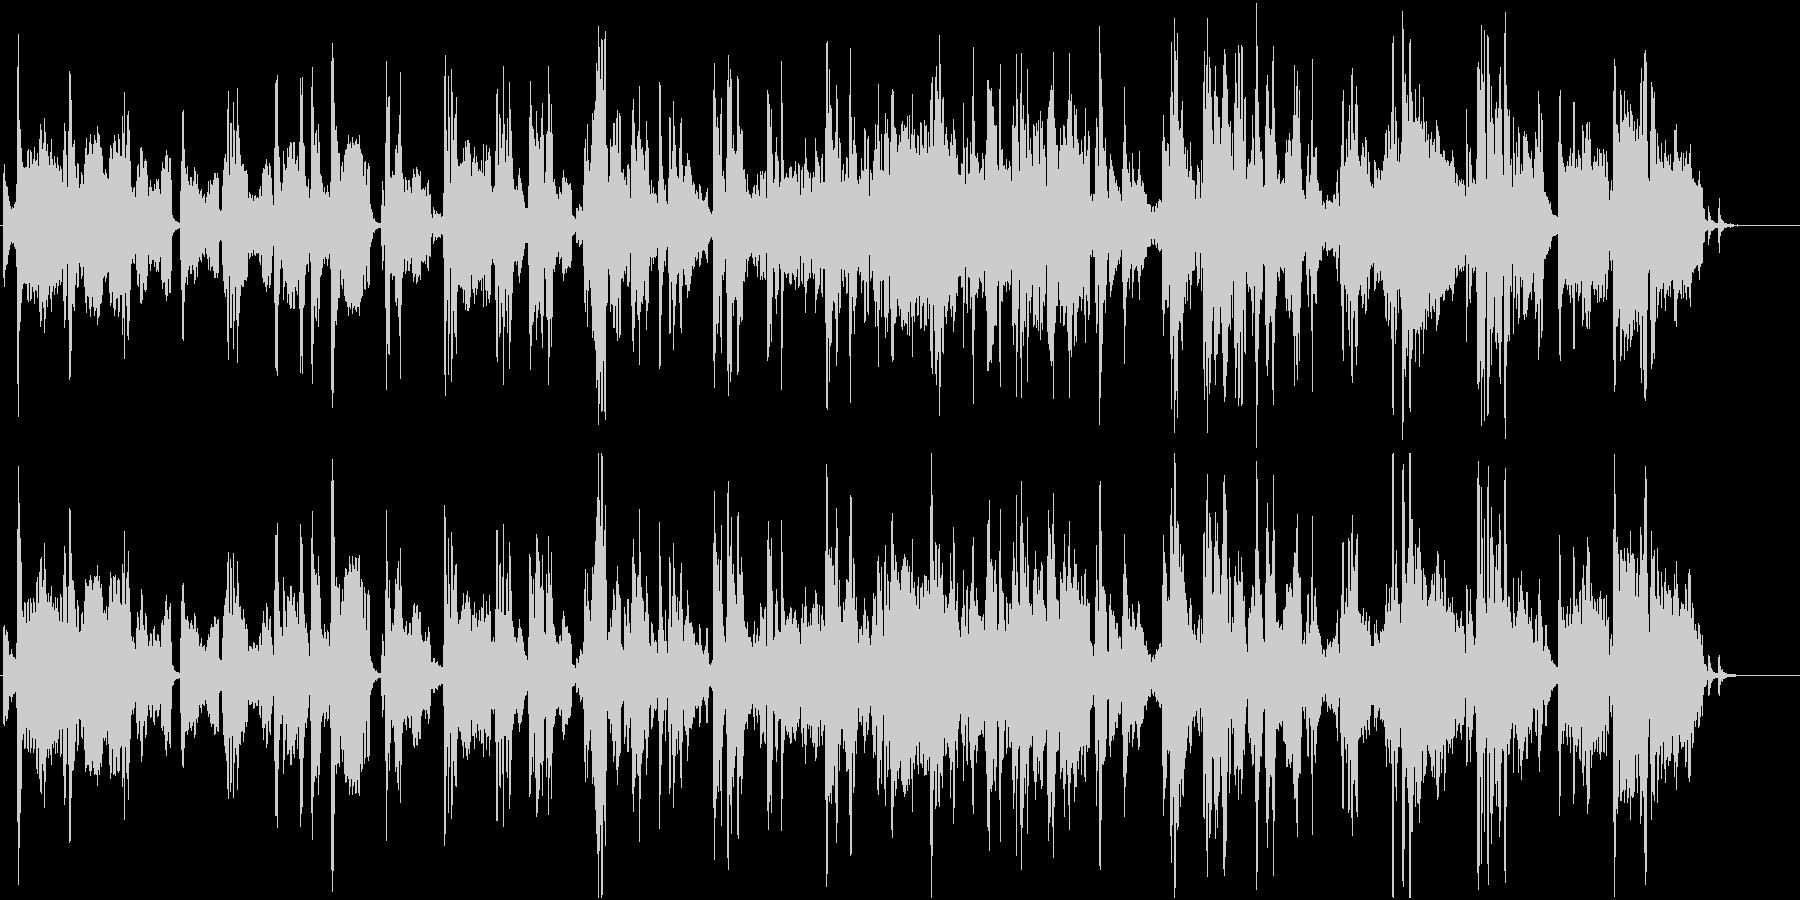 和風/尺八とお琴でお正月BGMや映像にの未再生の波形